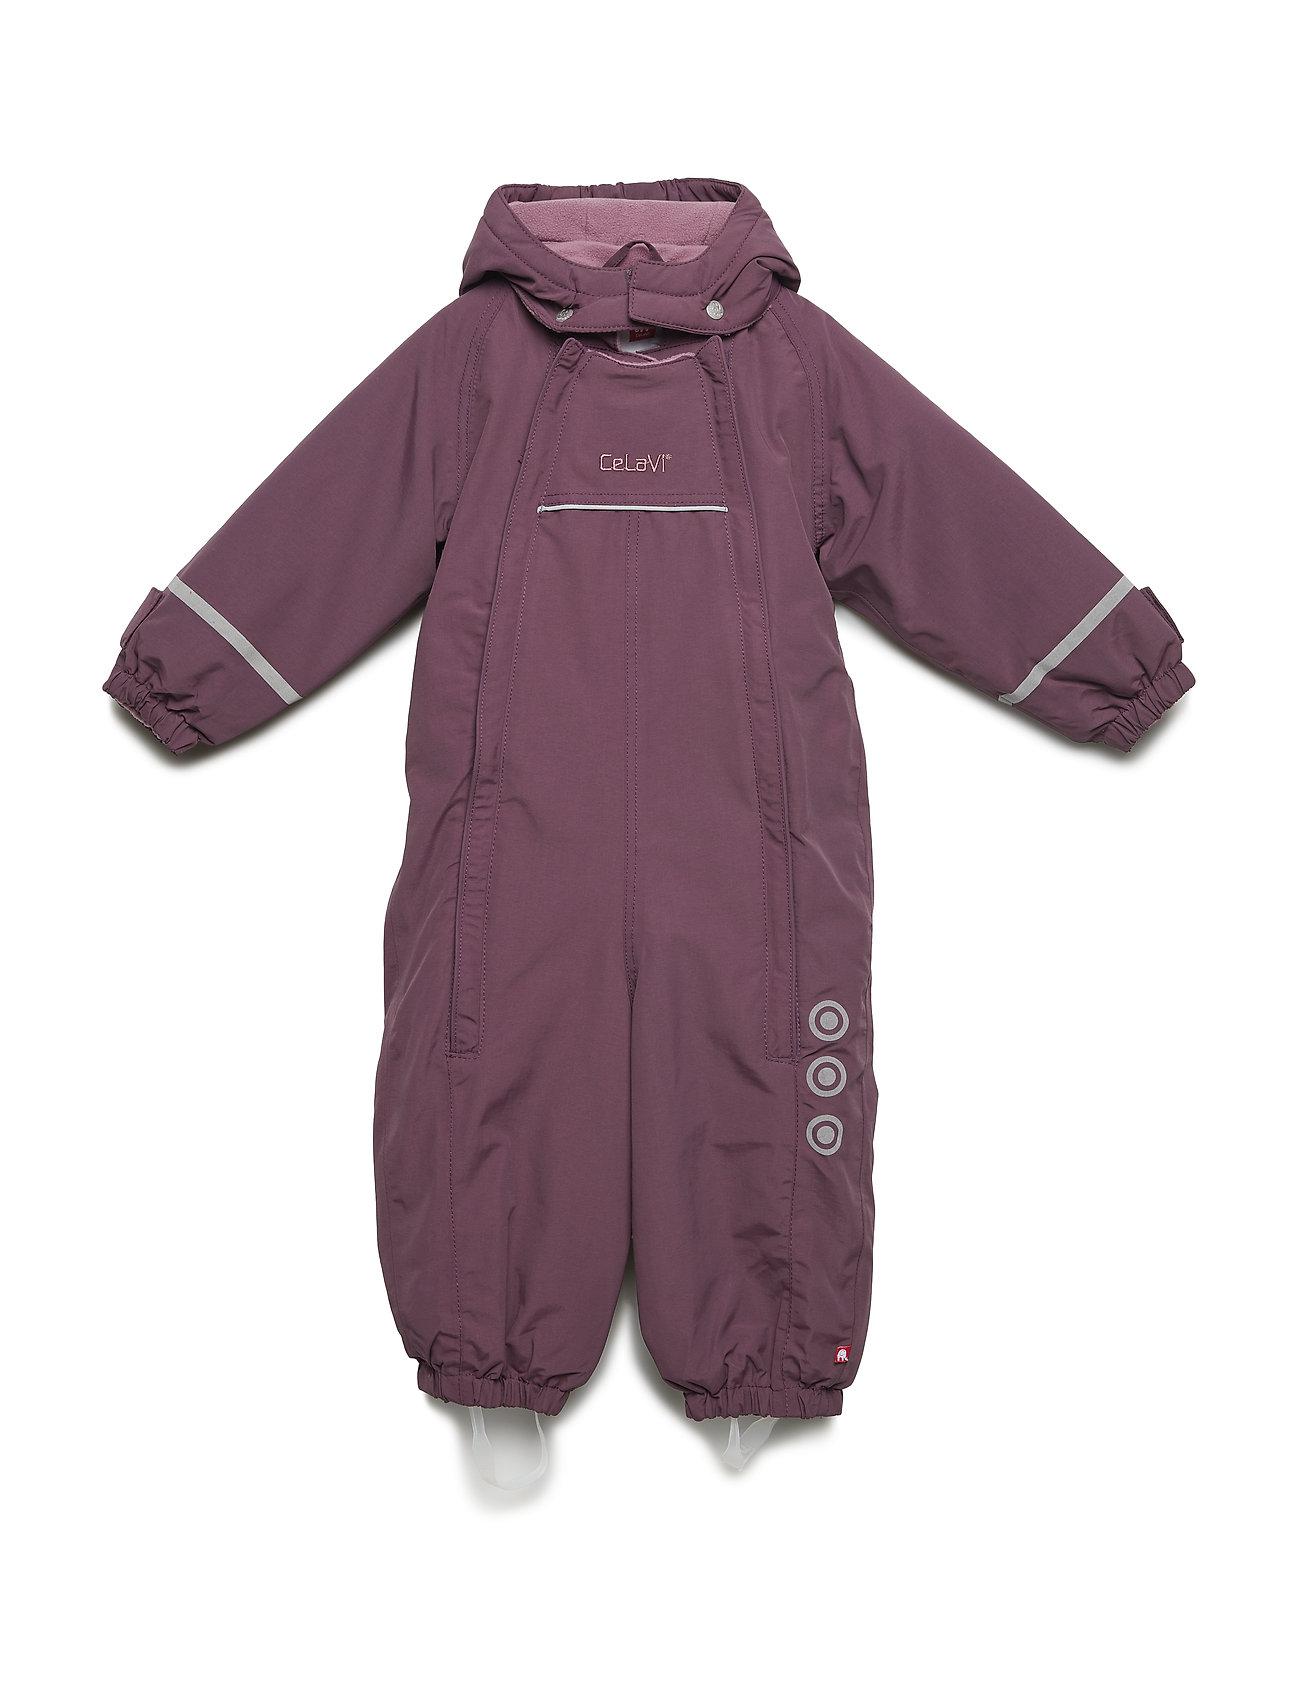 CeLaVi Snowsuit - Solid w 2 zippers